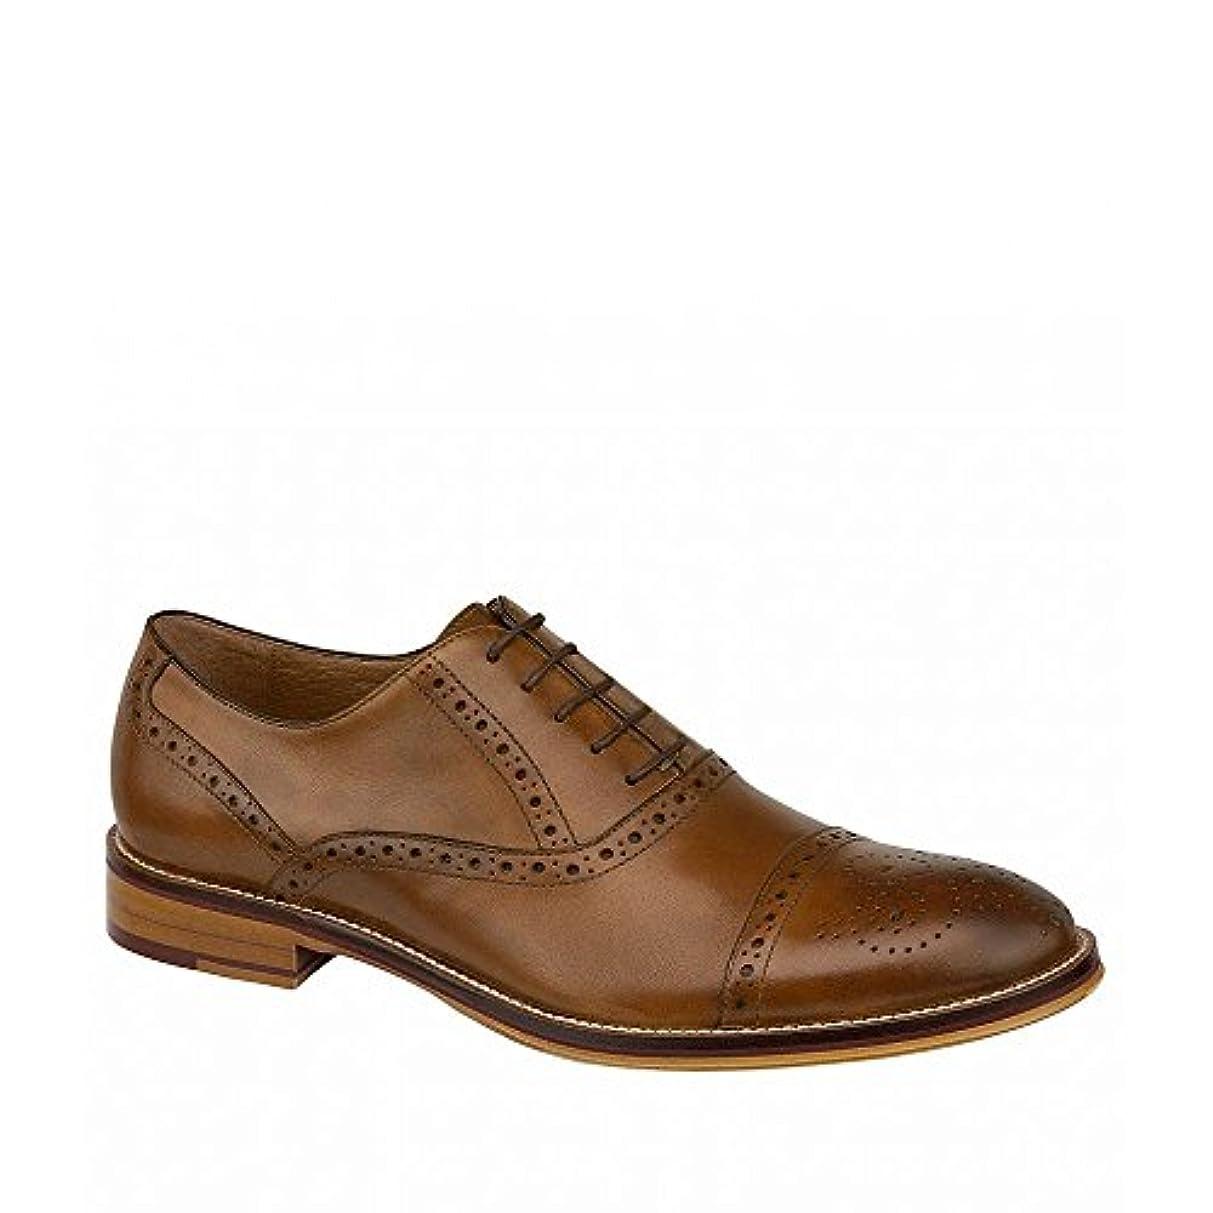 持続する忠誠ただやる(ジョンストン&マーフィー) Johnston & Murphy メンズ シューズ?靴 革靴?ビジネスシューズ Conard Cap-Toe Wingtip Detail Oxfords [並行輸入品]